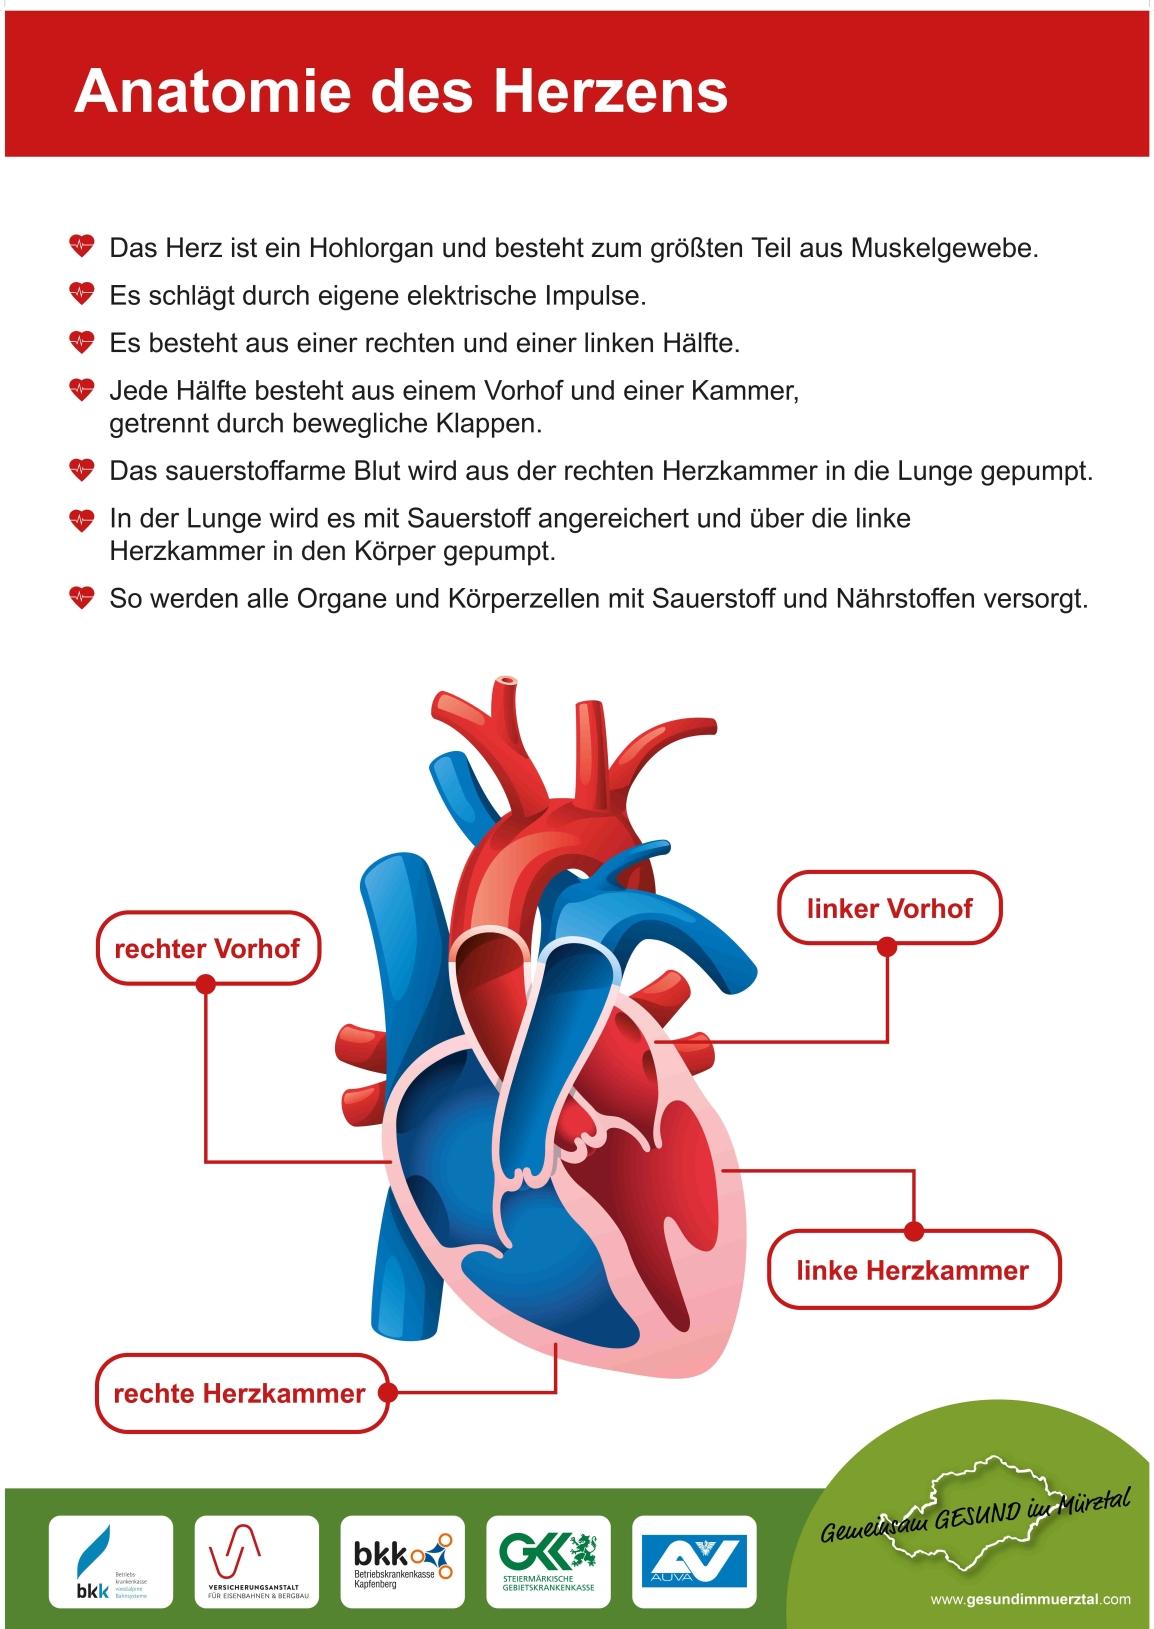 Anatomie des Herzens – Genusstag Kapfenberg – Gemeinsam GESUND im Mürztal